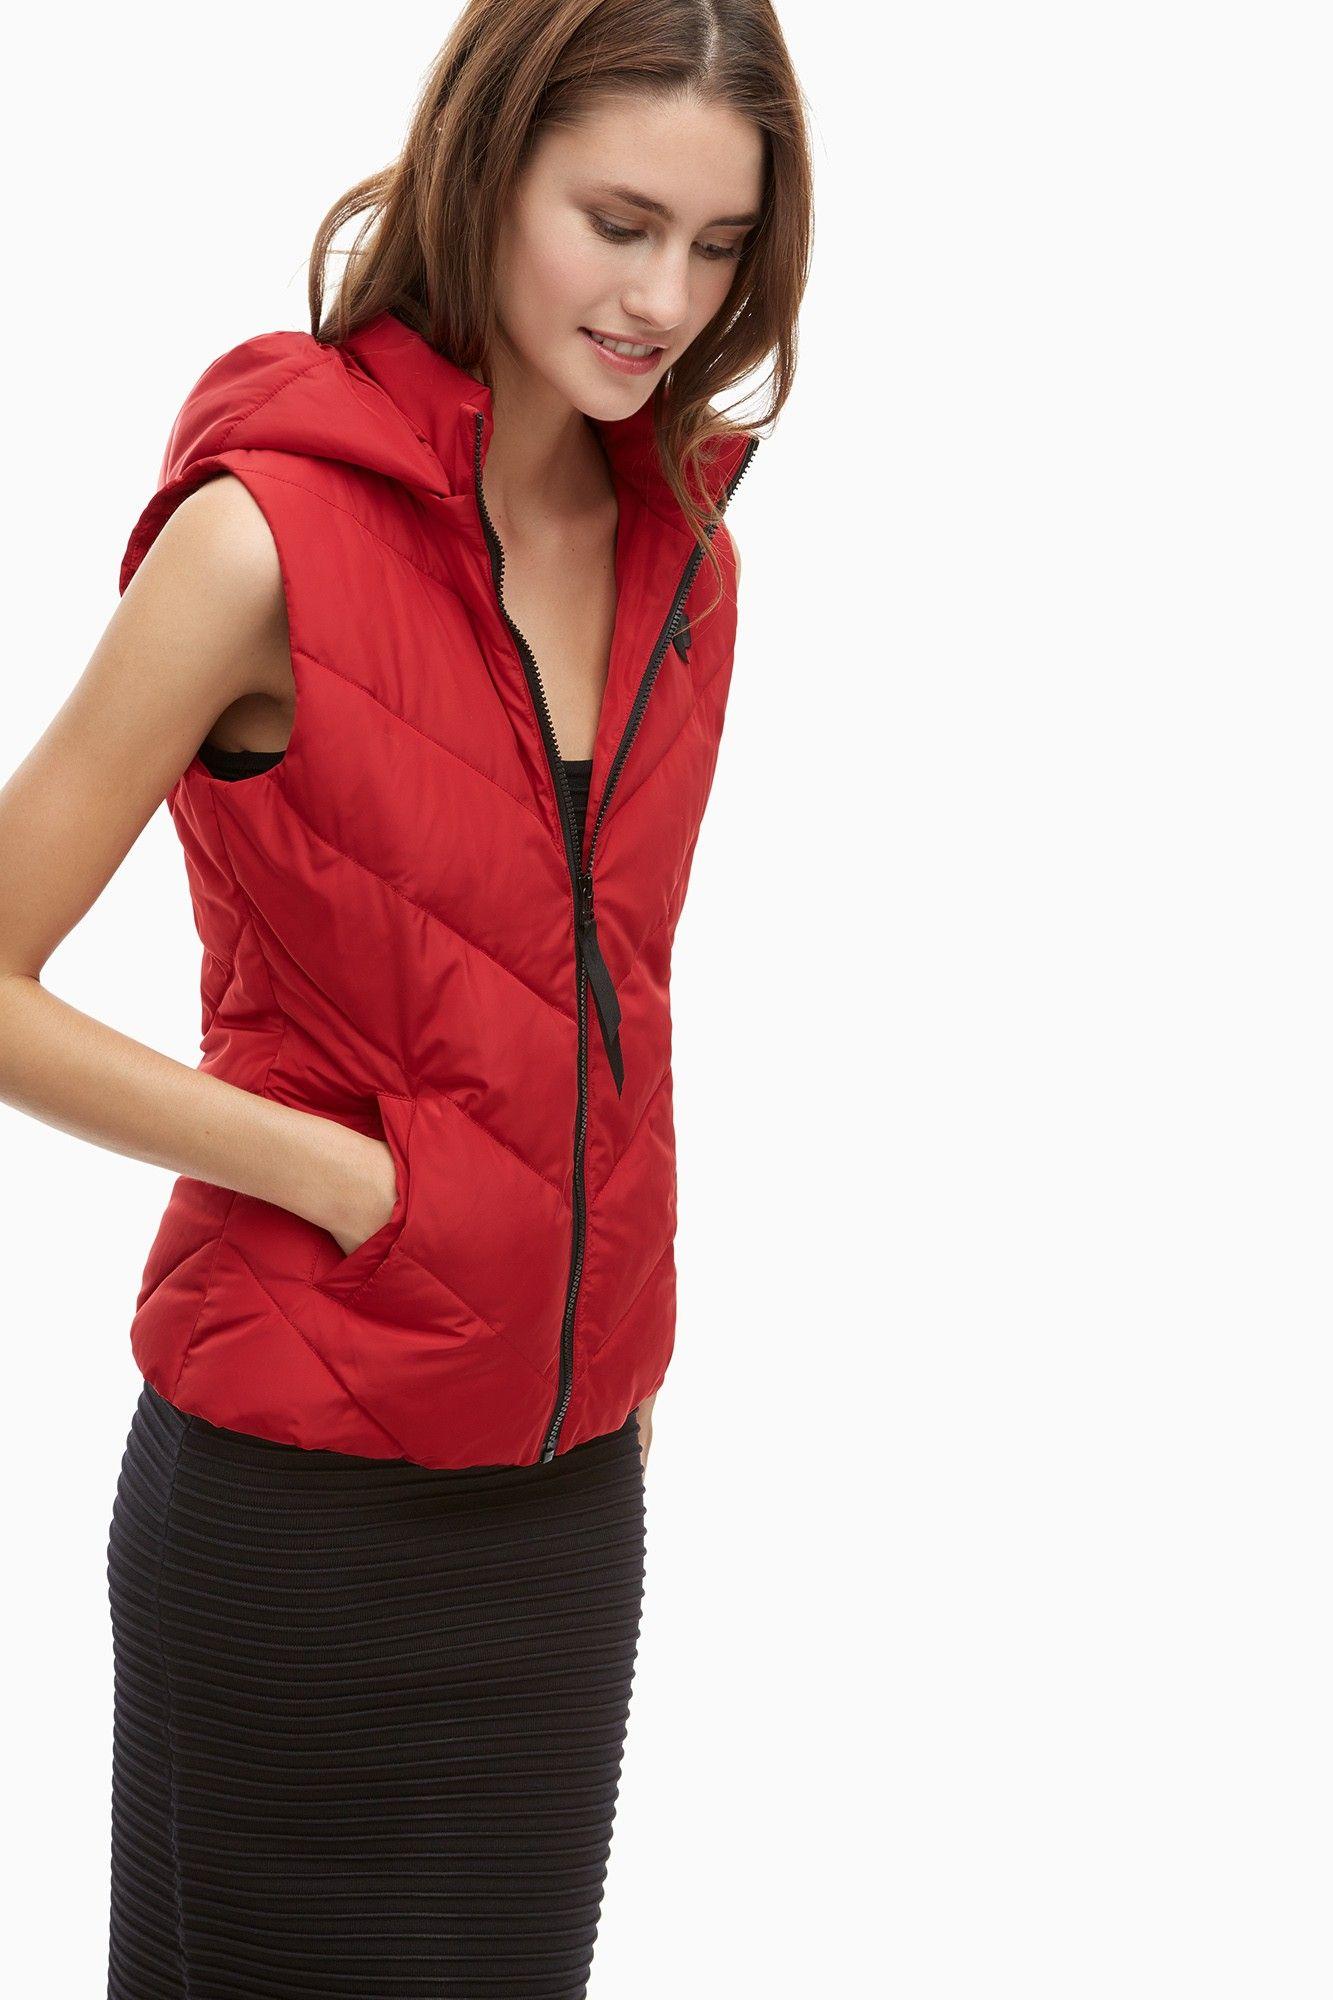 Chaleco acolchado en nylon rojo abrigos y cazadoras for Abrigos adolfo dominguez outlet